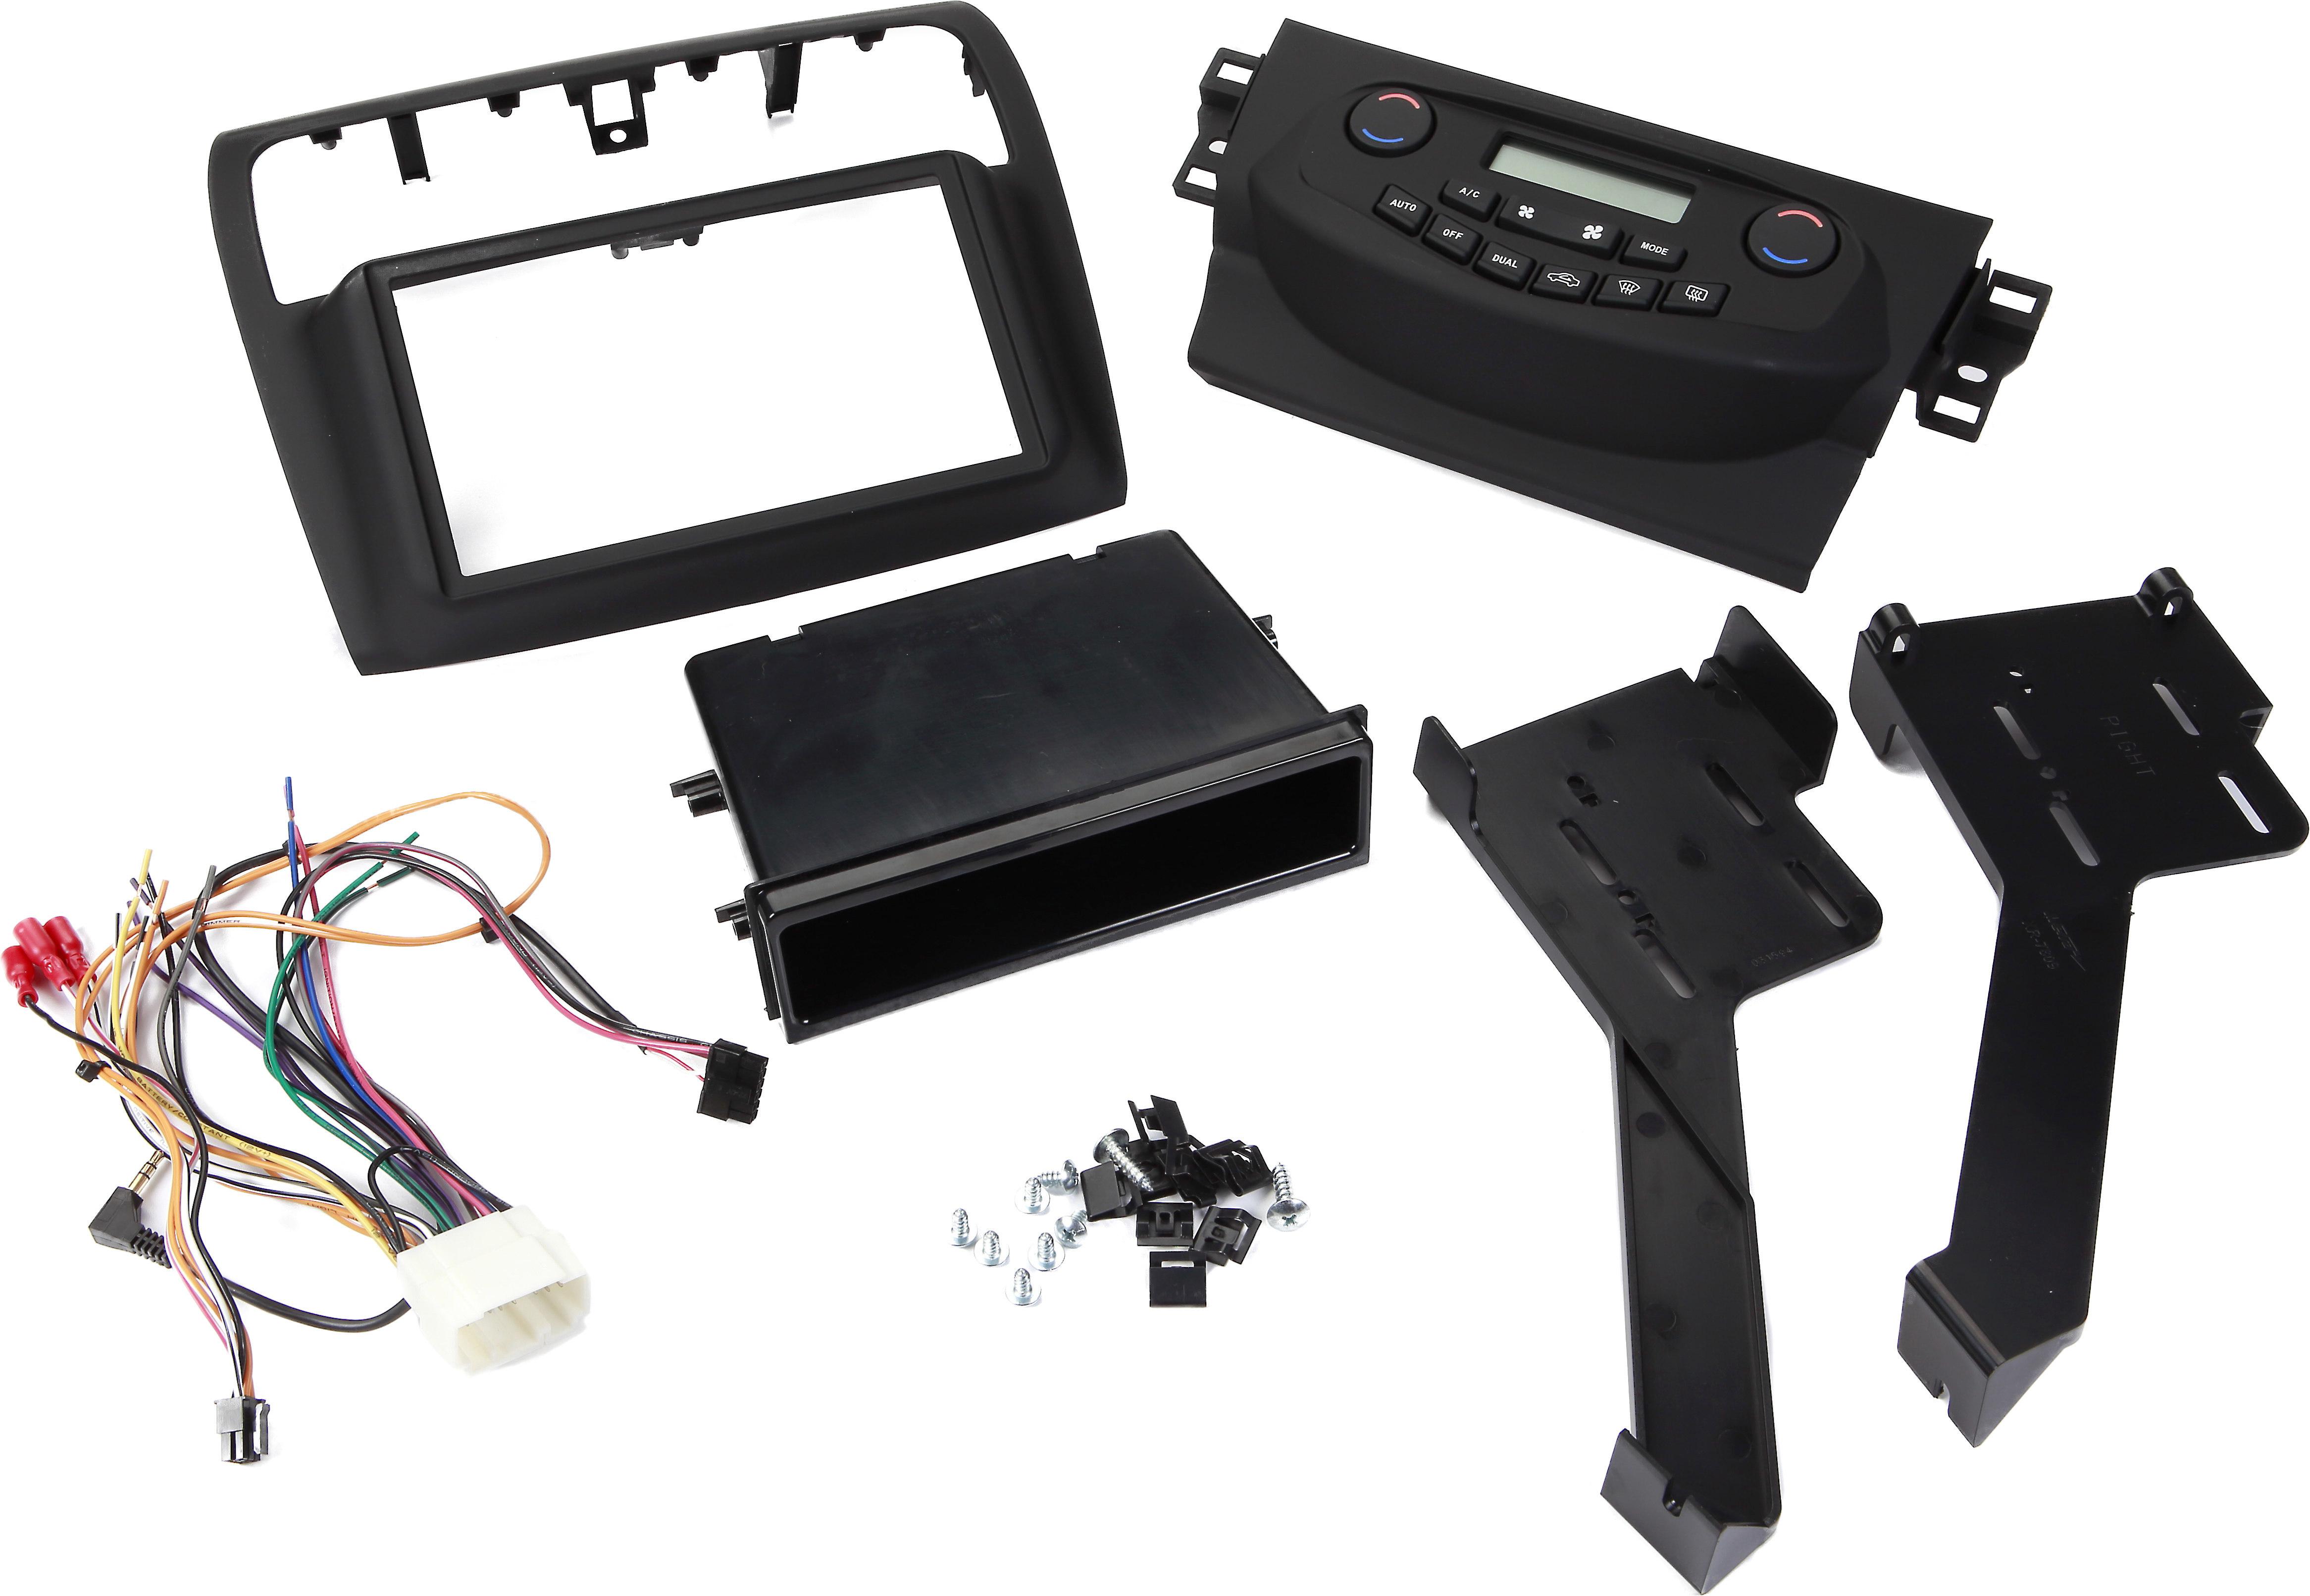 Metra 99-6538B Aftermarket Radio Installation Dash Kit